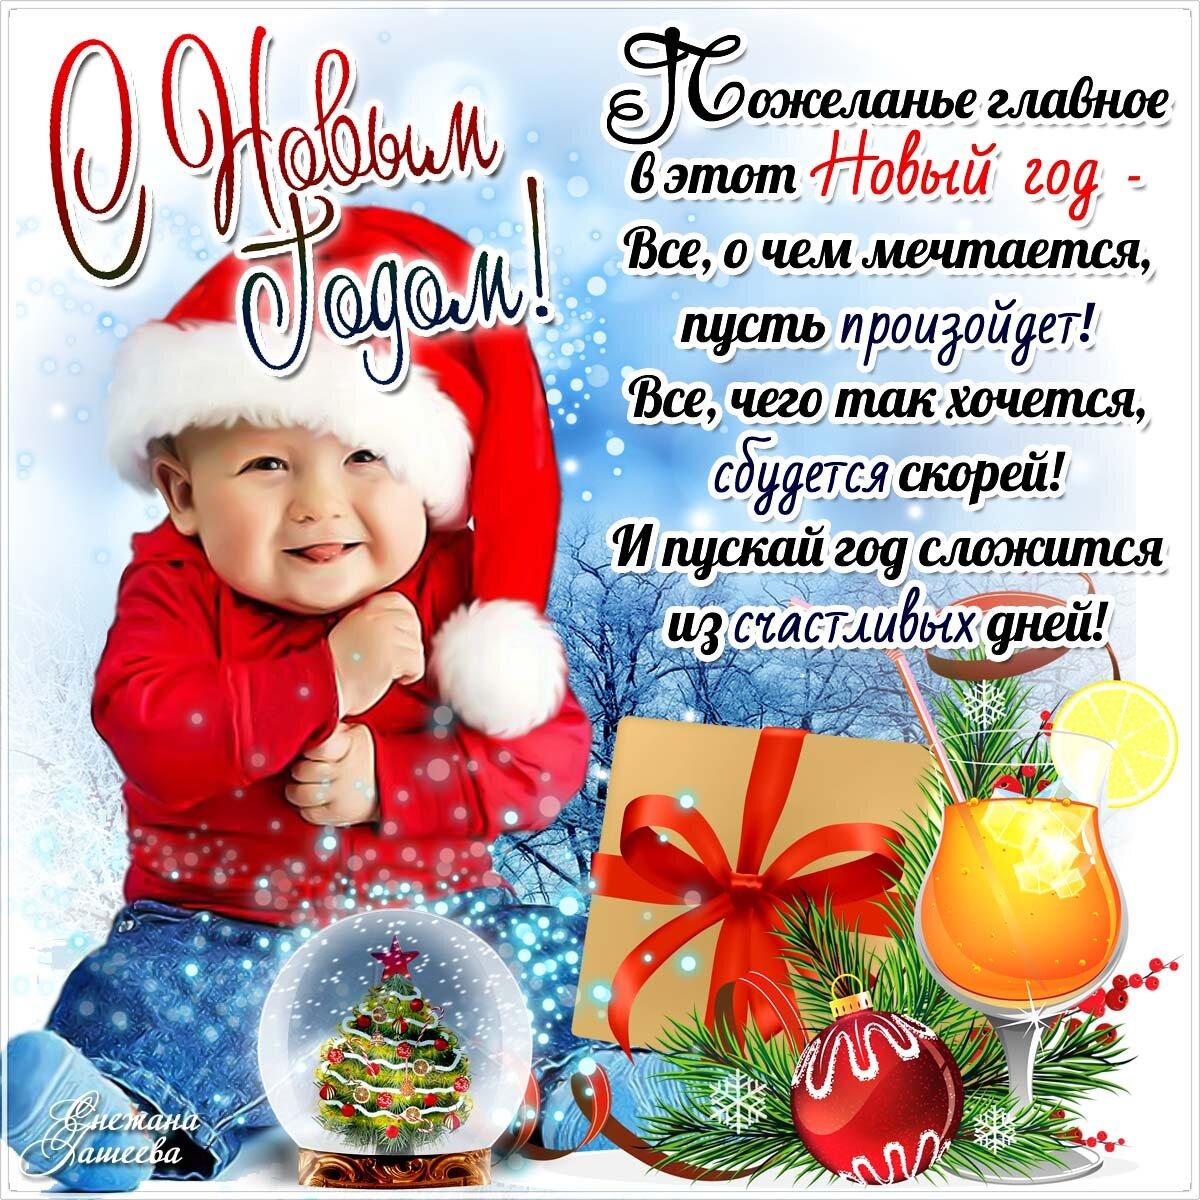 Днем, открытка новогоднего поздравления